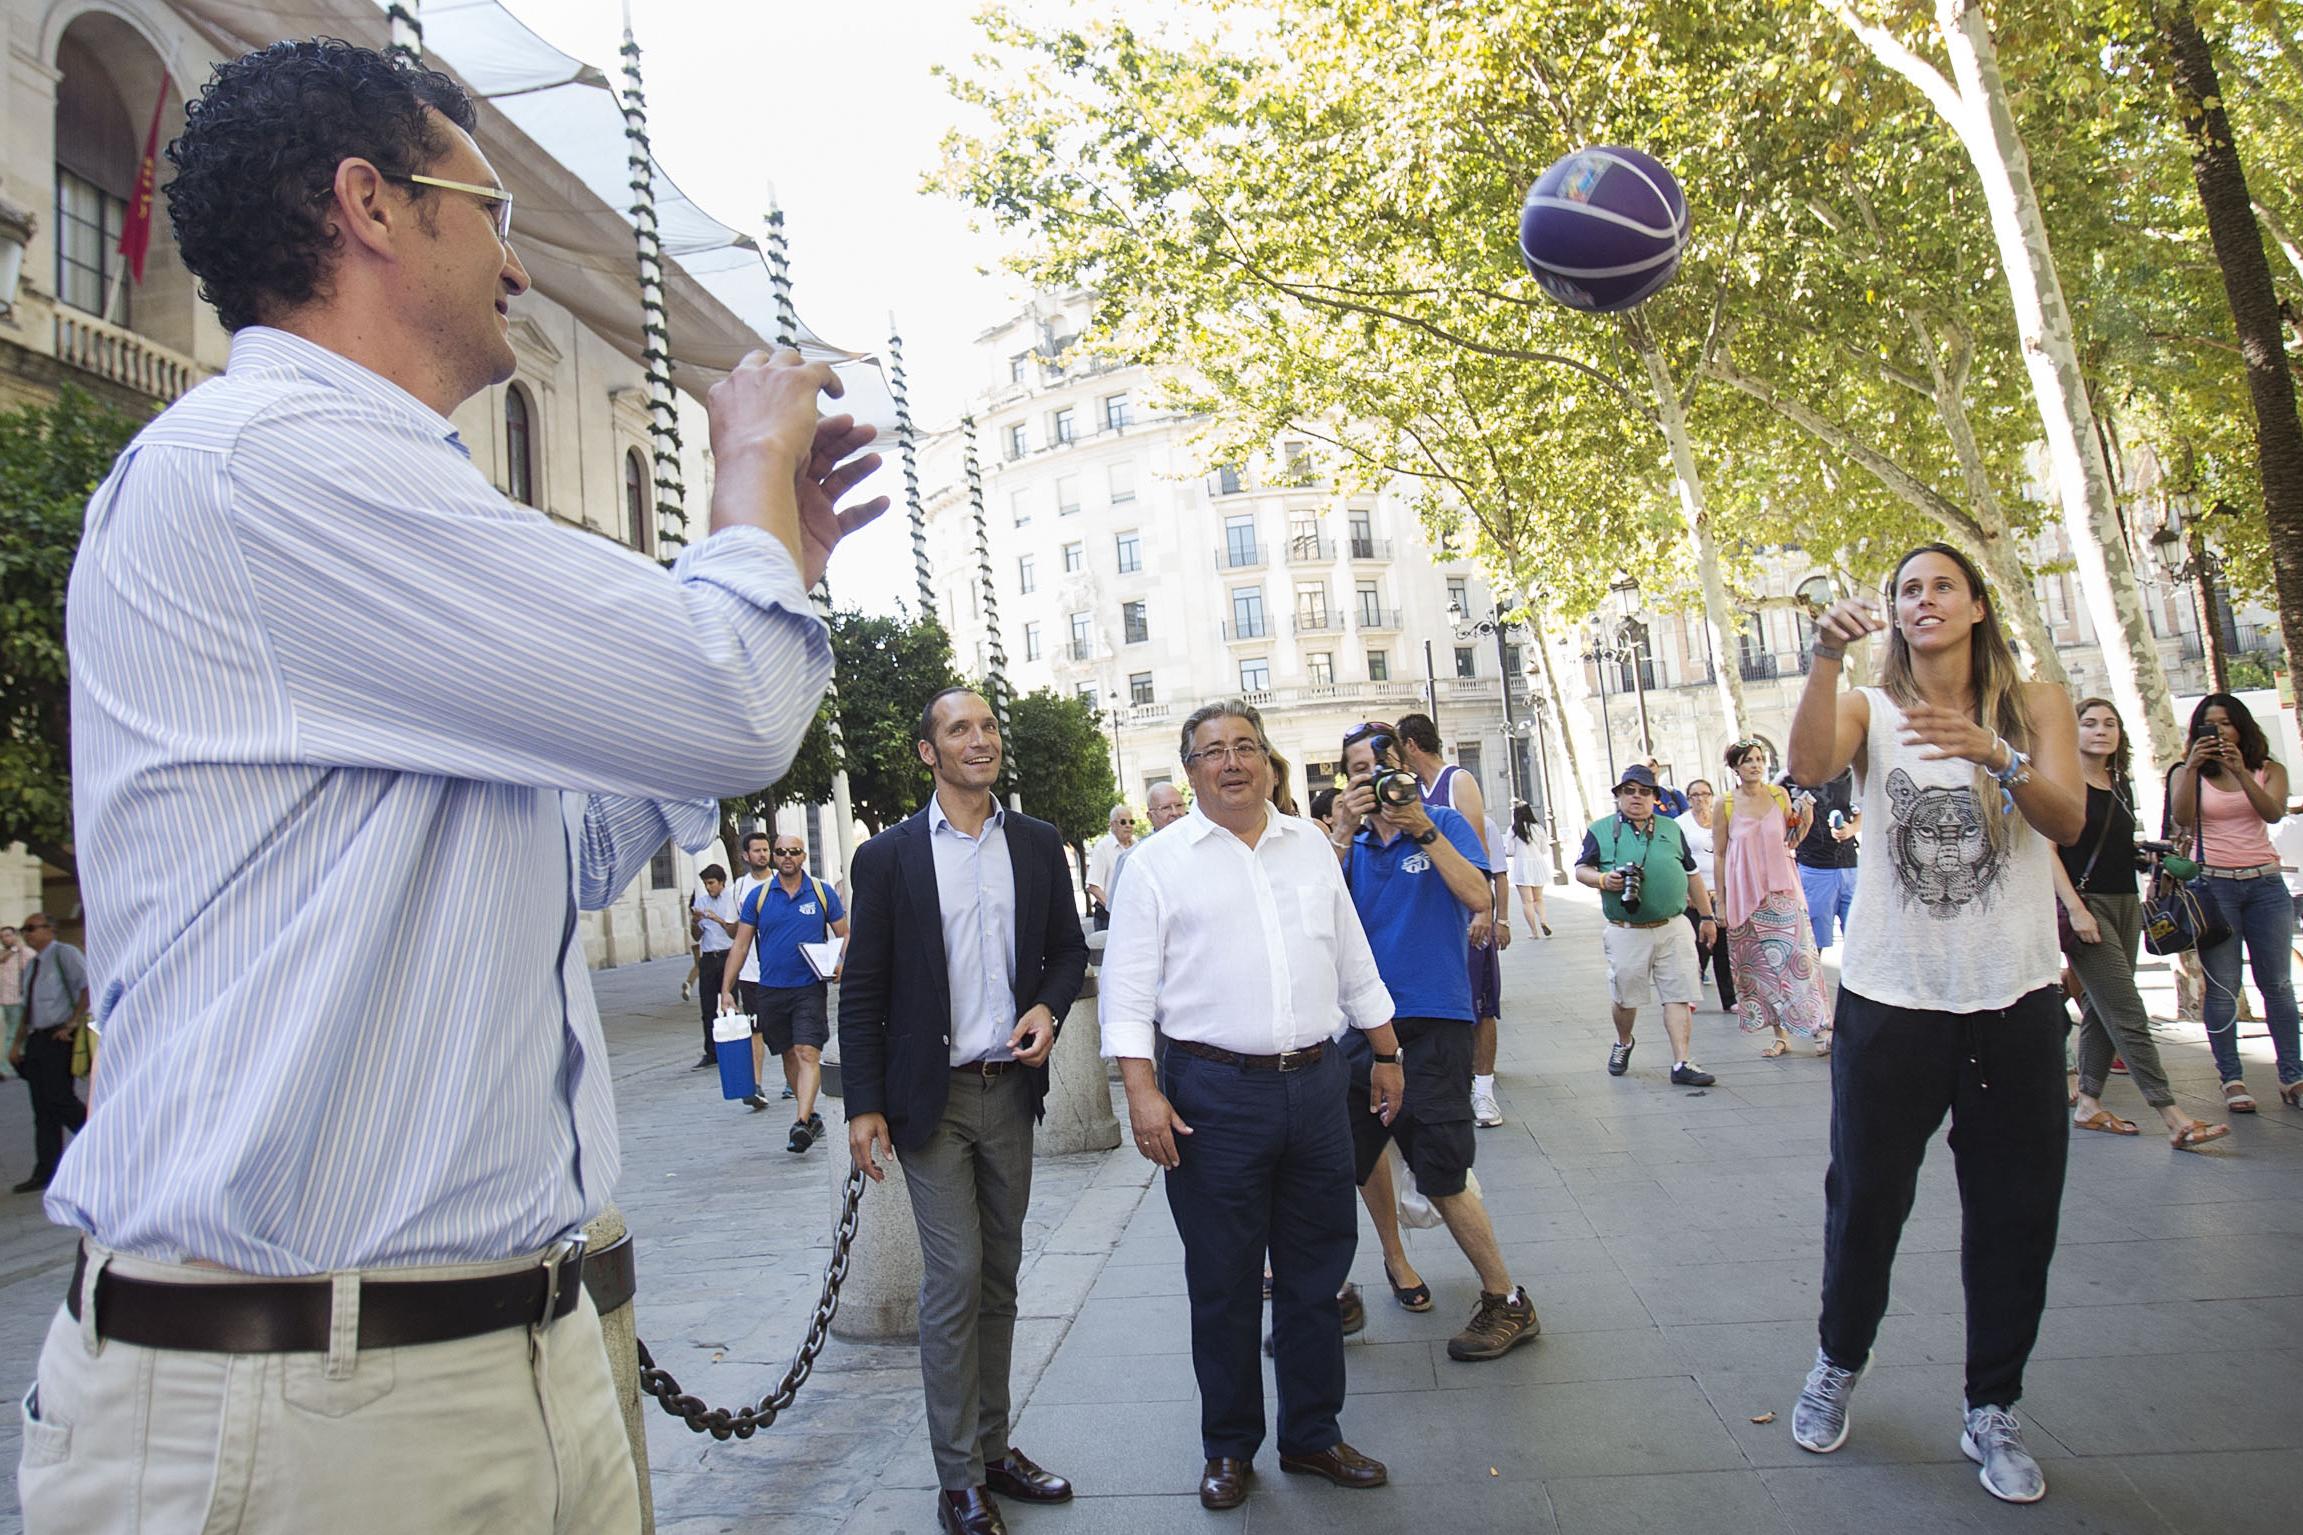 Raúl Pérez y Amaya Valdemoro se pasan la pelota durante el acto. / Pepo Herrera